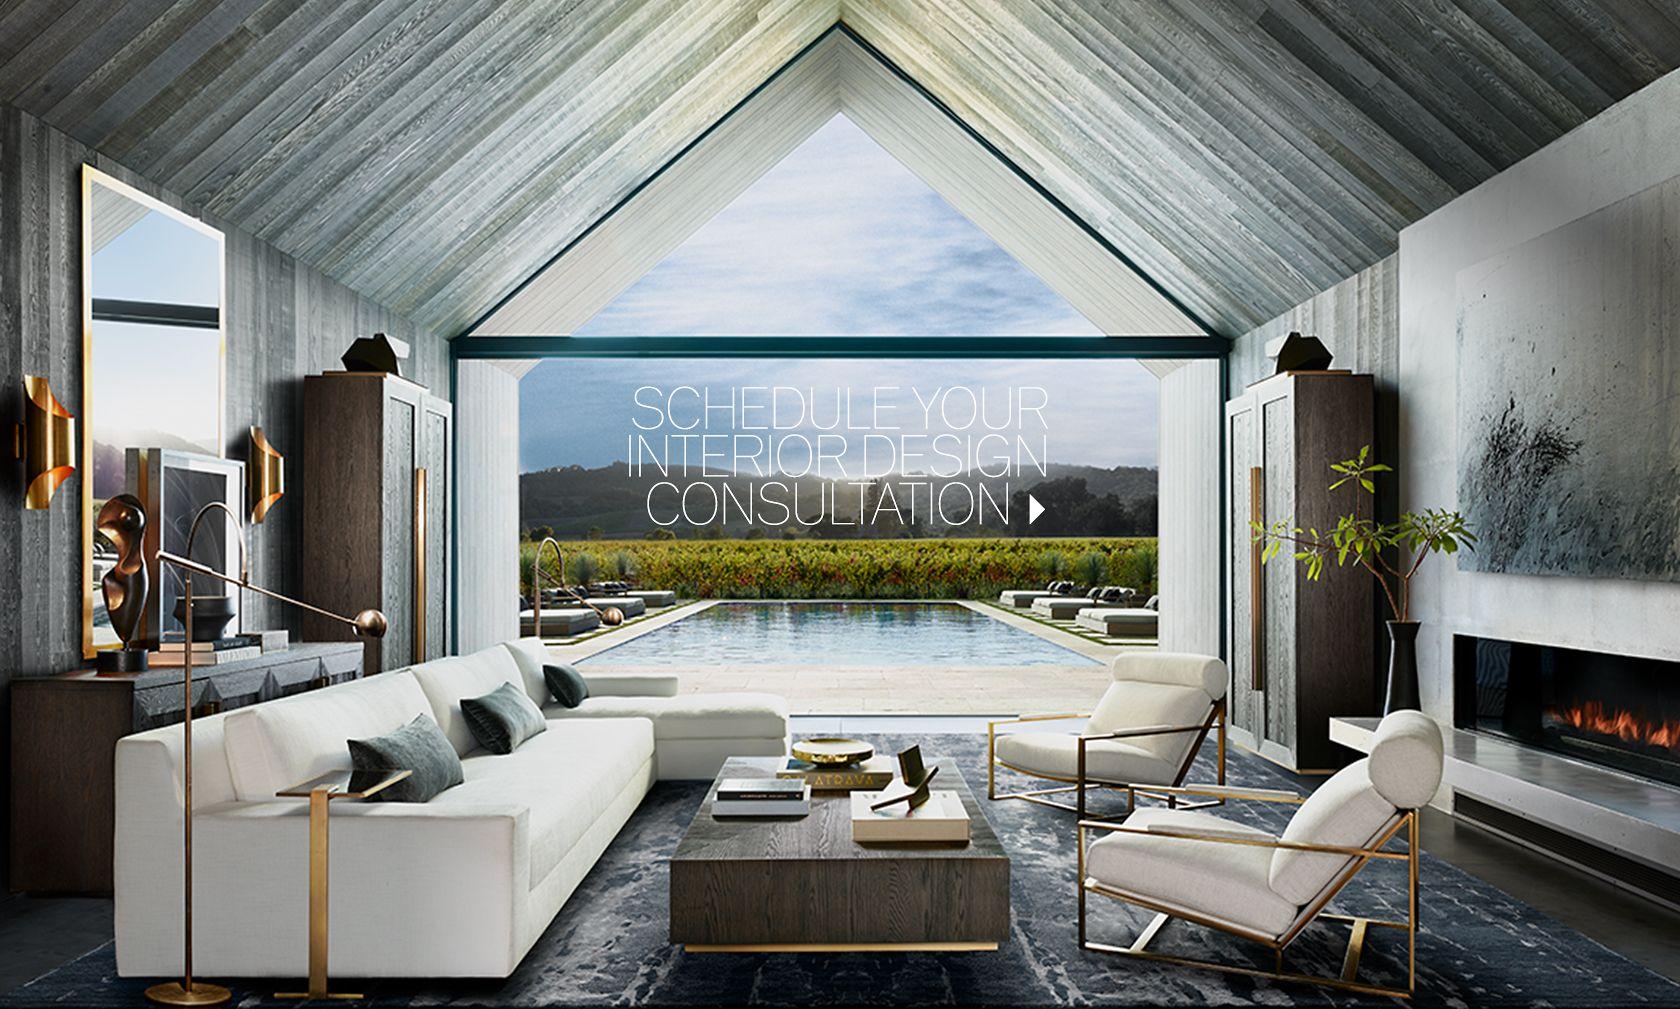 Schedule Your RH Interior Design Consultation